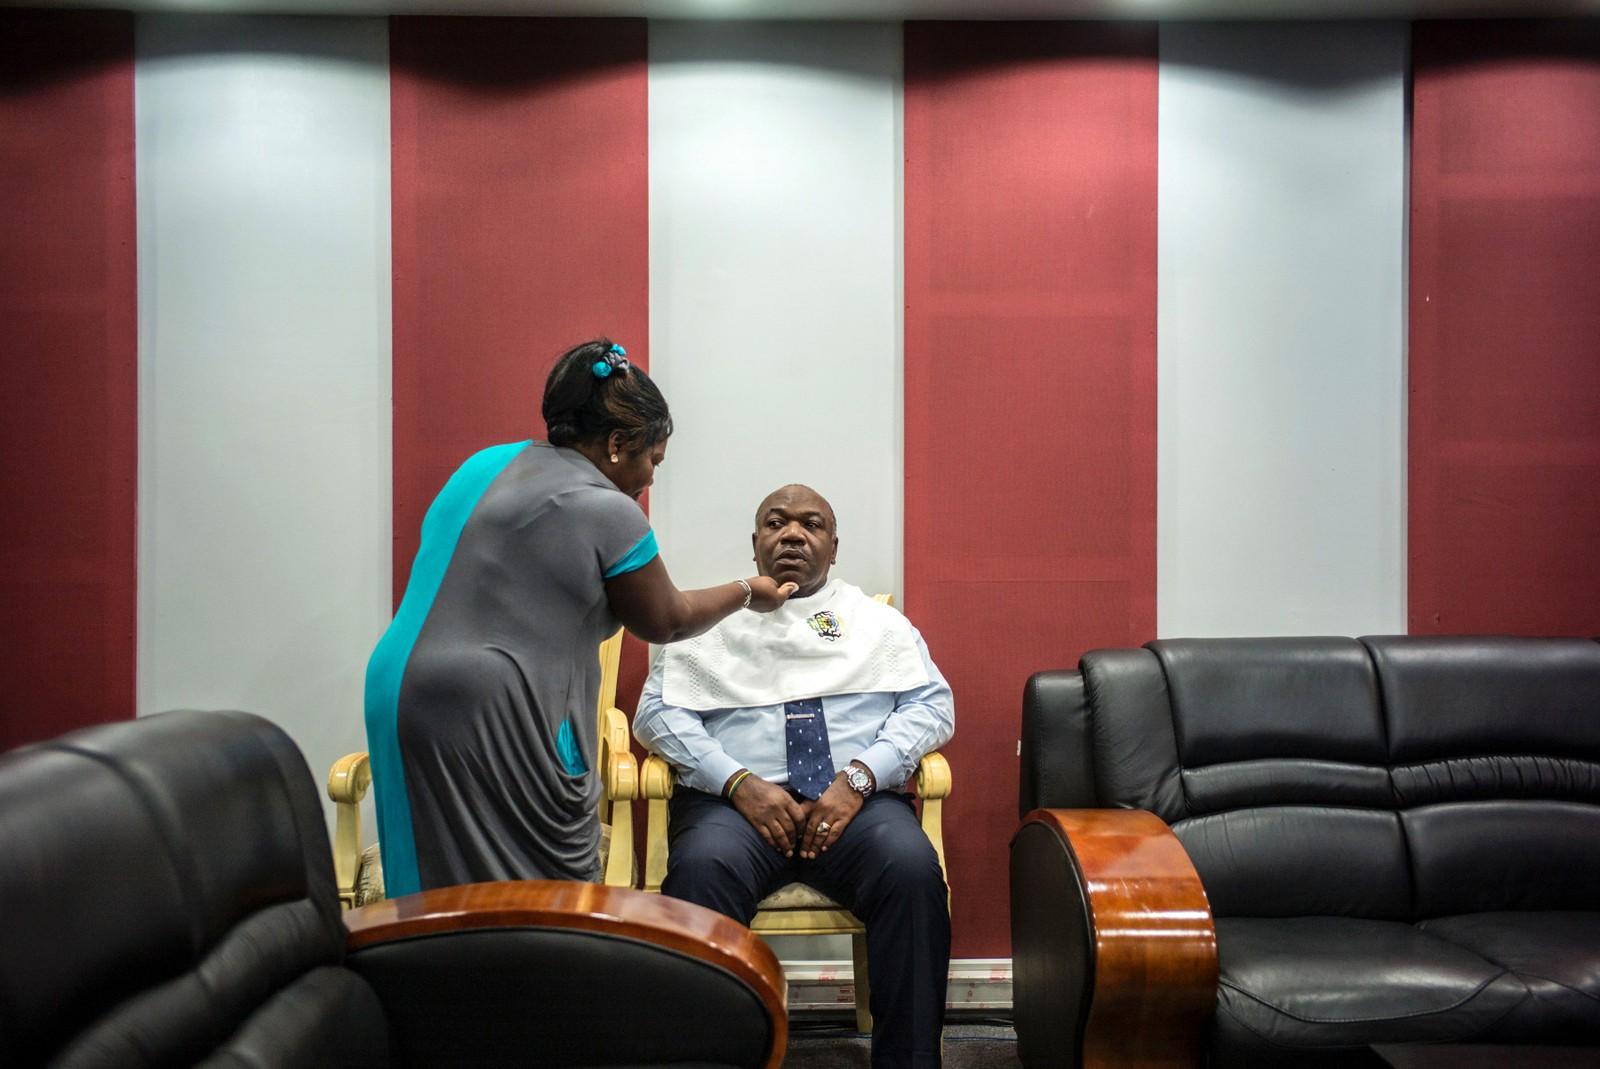 Den gabonske presidenten Ali Bongo Odimba får et strøk sminke før han skal delta i en TV-debatt i Libreville den 24. august. Den 27. august er det valg i Gabon. Ali Bongo Odimba har vært president siden 2009. Fra 1967 til 2009 var det hans far, Omar Bongo, som var president.